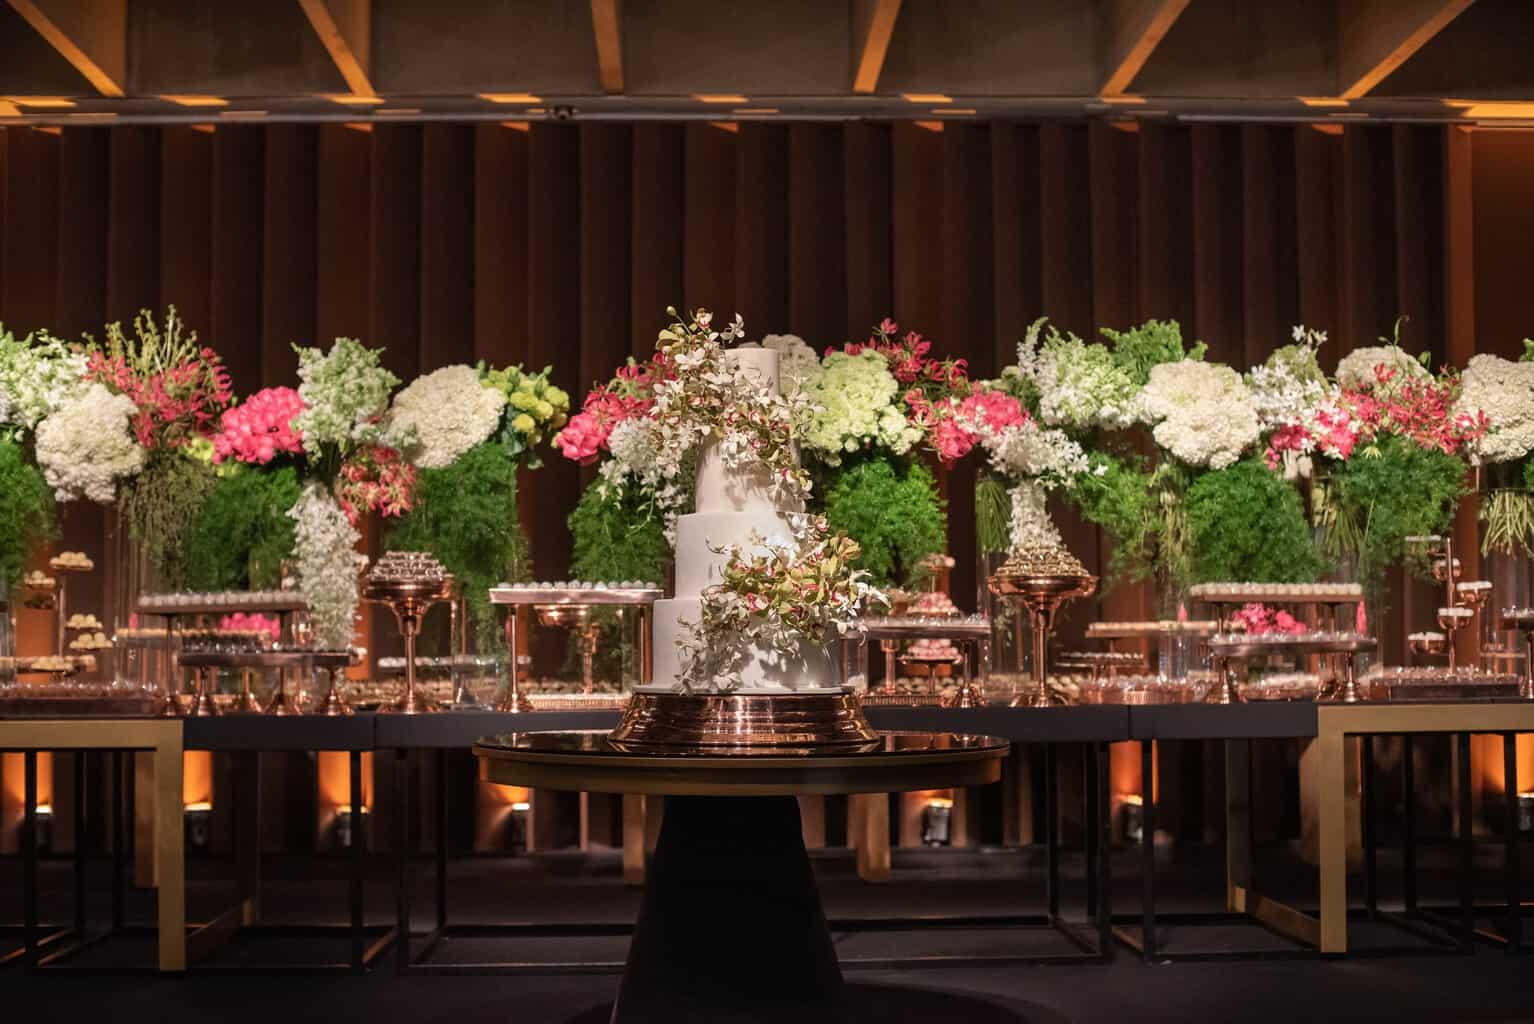 casamento-Karynna-e-Fernando-cerimonial-TCD-Eventos-decoração-Eugenia-Guerrera-Decoração-Melanie-Schmid-fotografia-Marina-Fava17